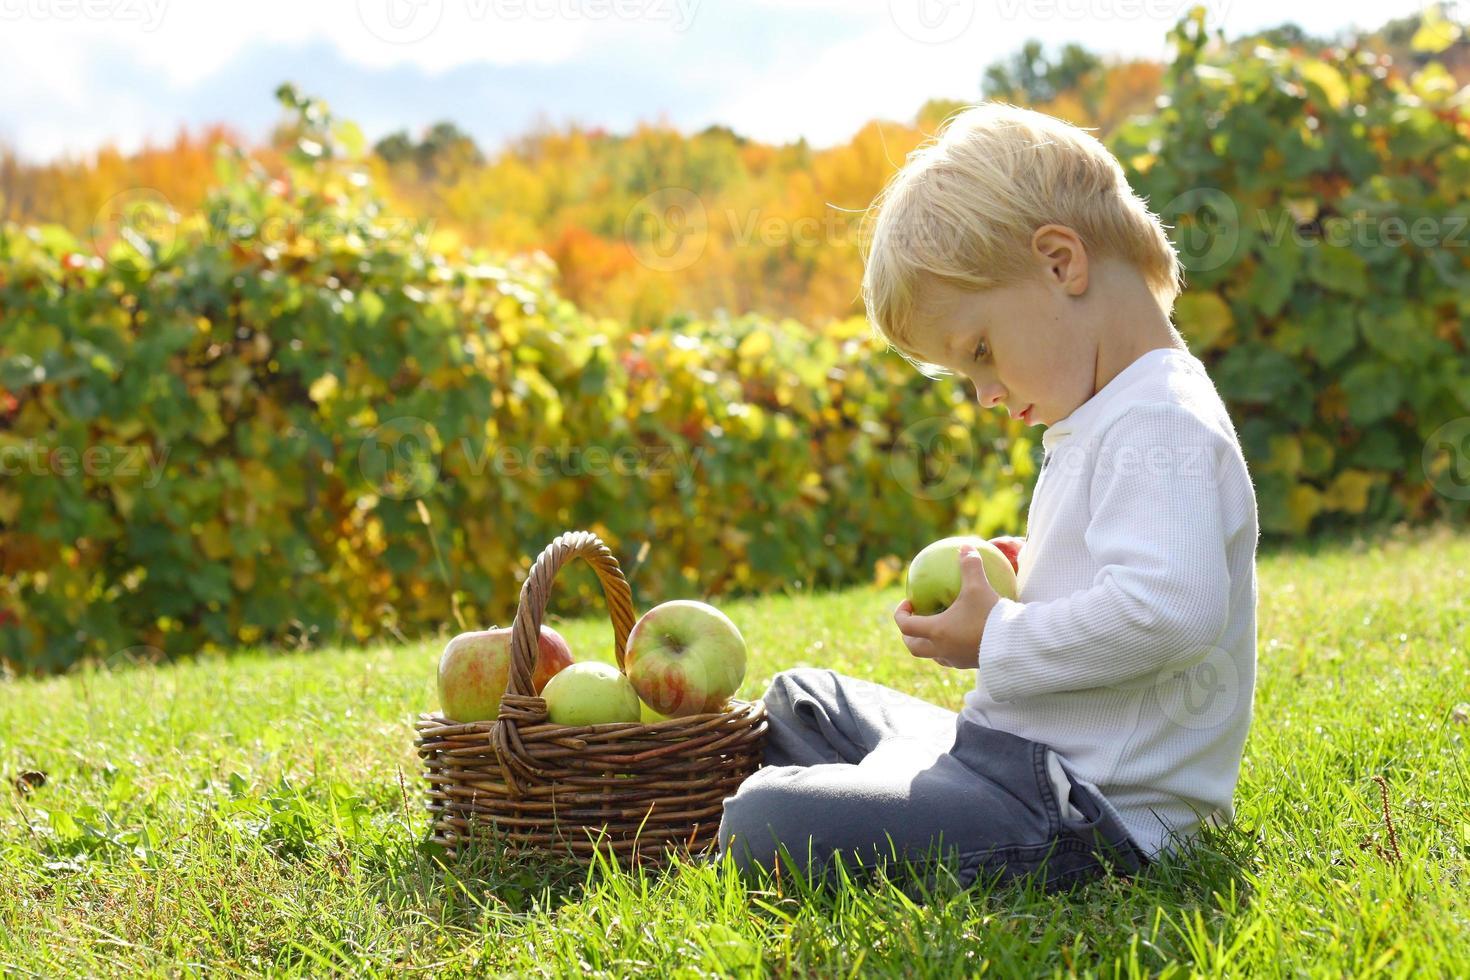 jeune enfant jouant avec des pommes au verger photo